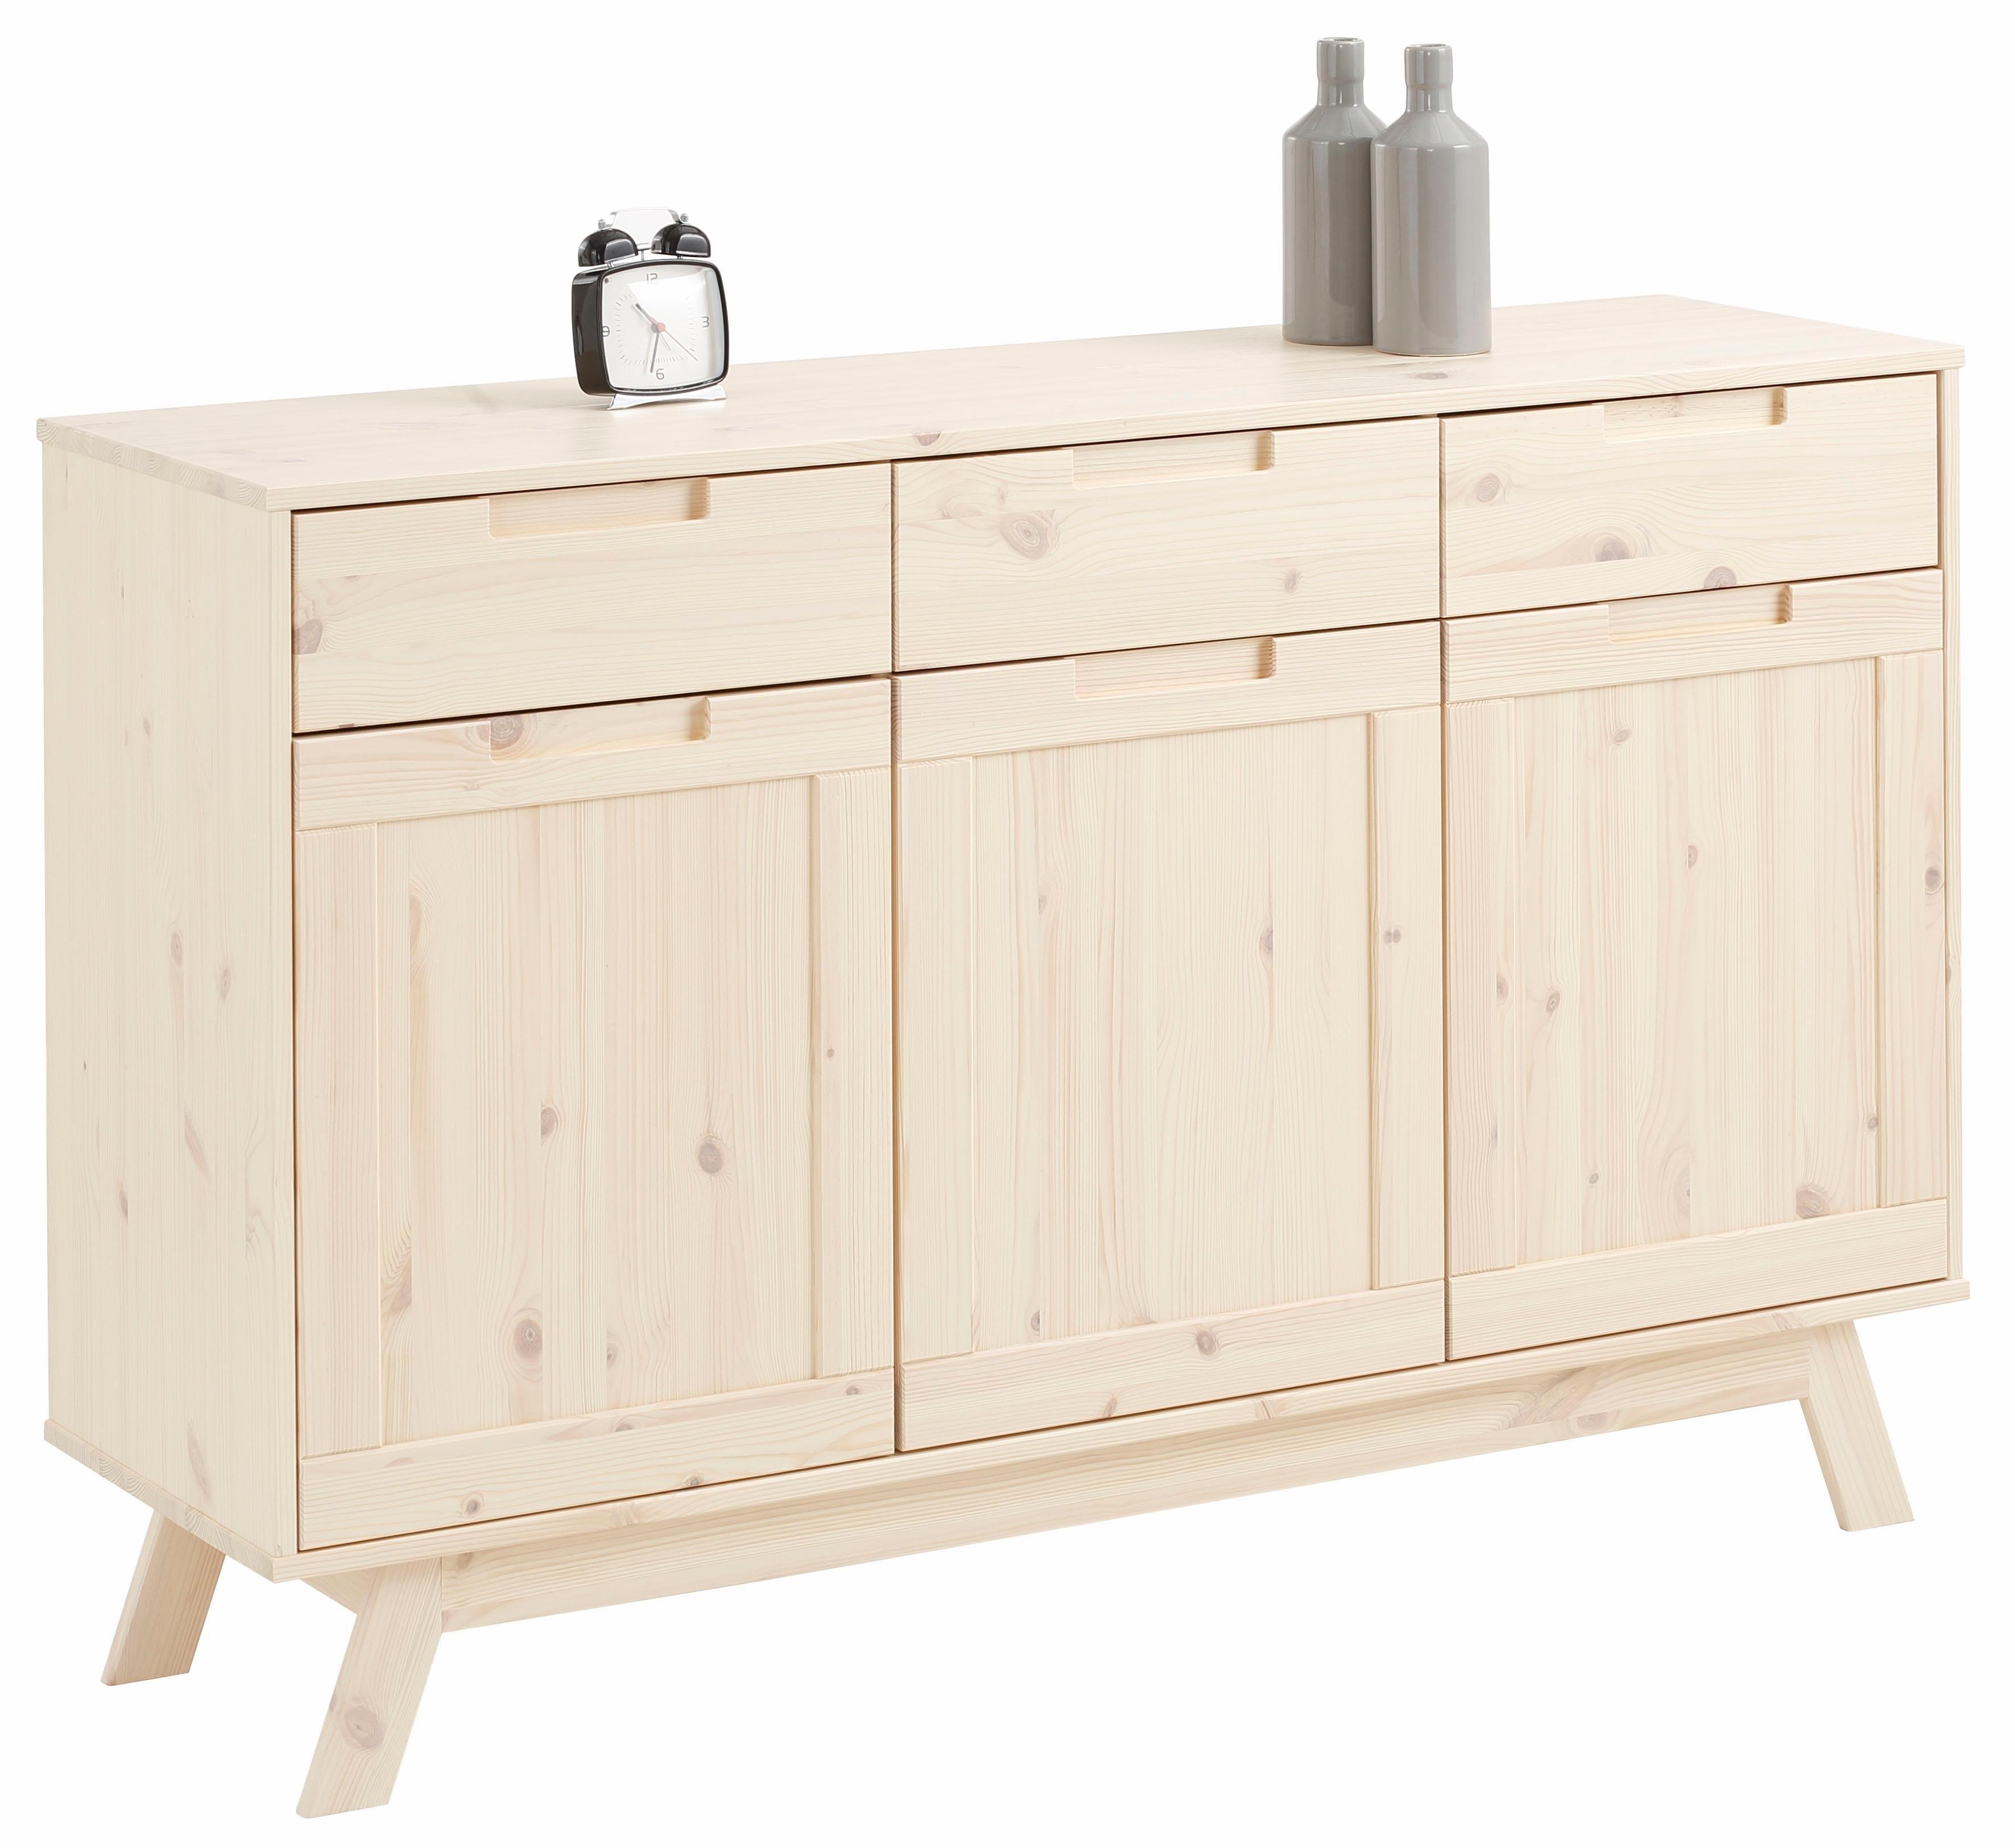 Home Affaire dressoir »Ohio«, in traditioneel design, met vele opbergmogelijkheden, breedte 128 cm nu online bestellen